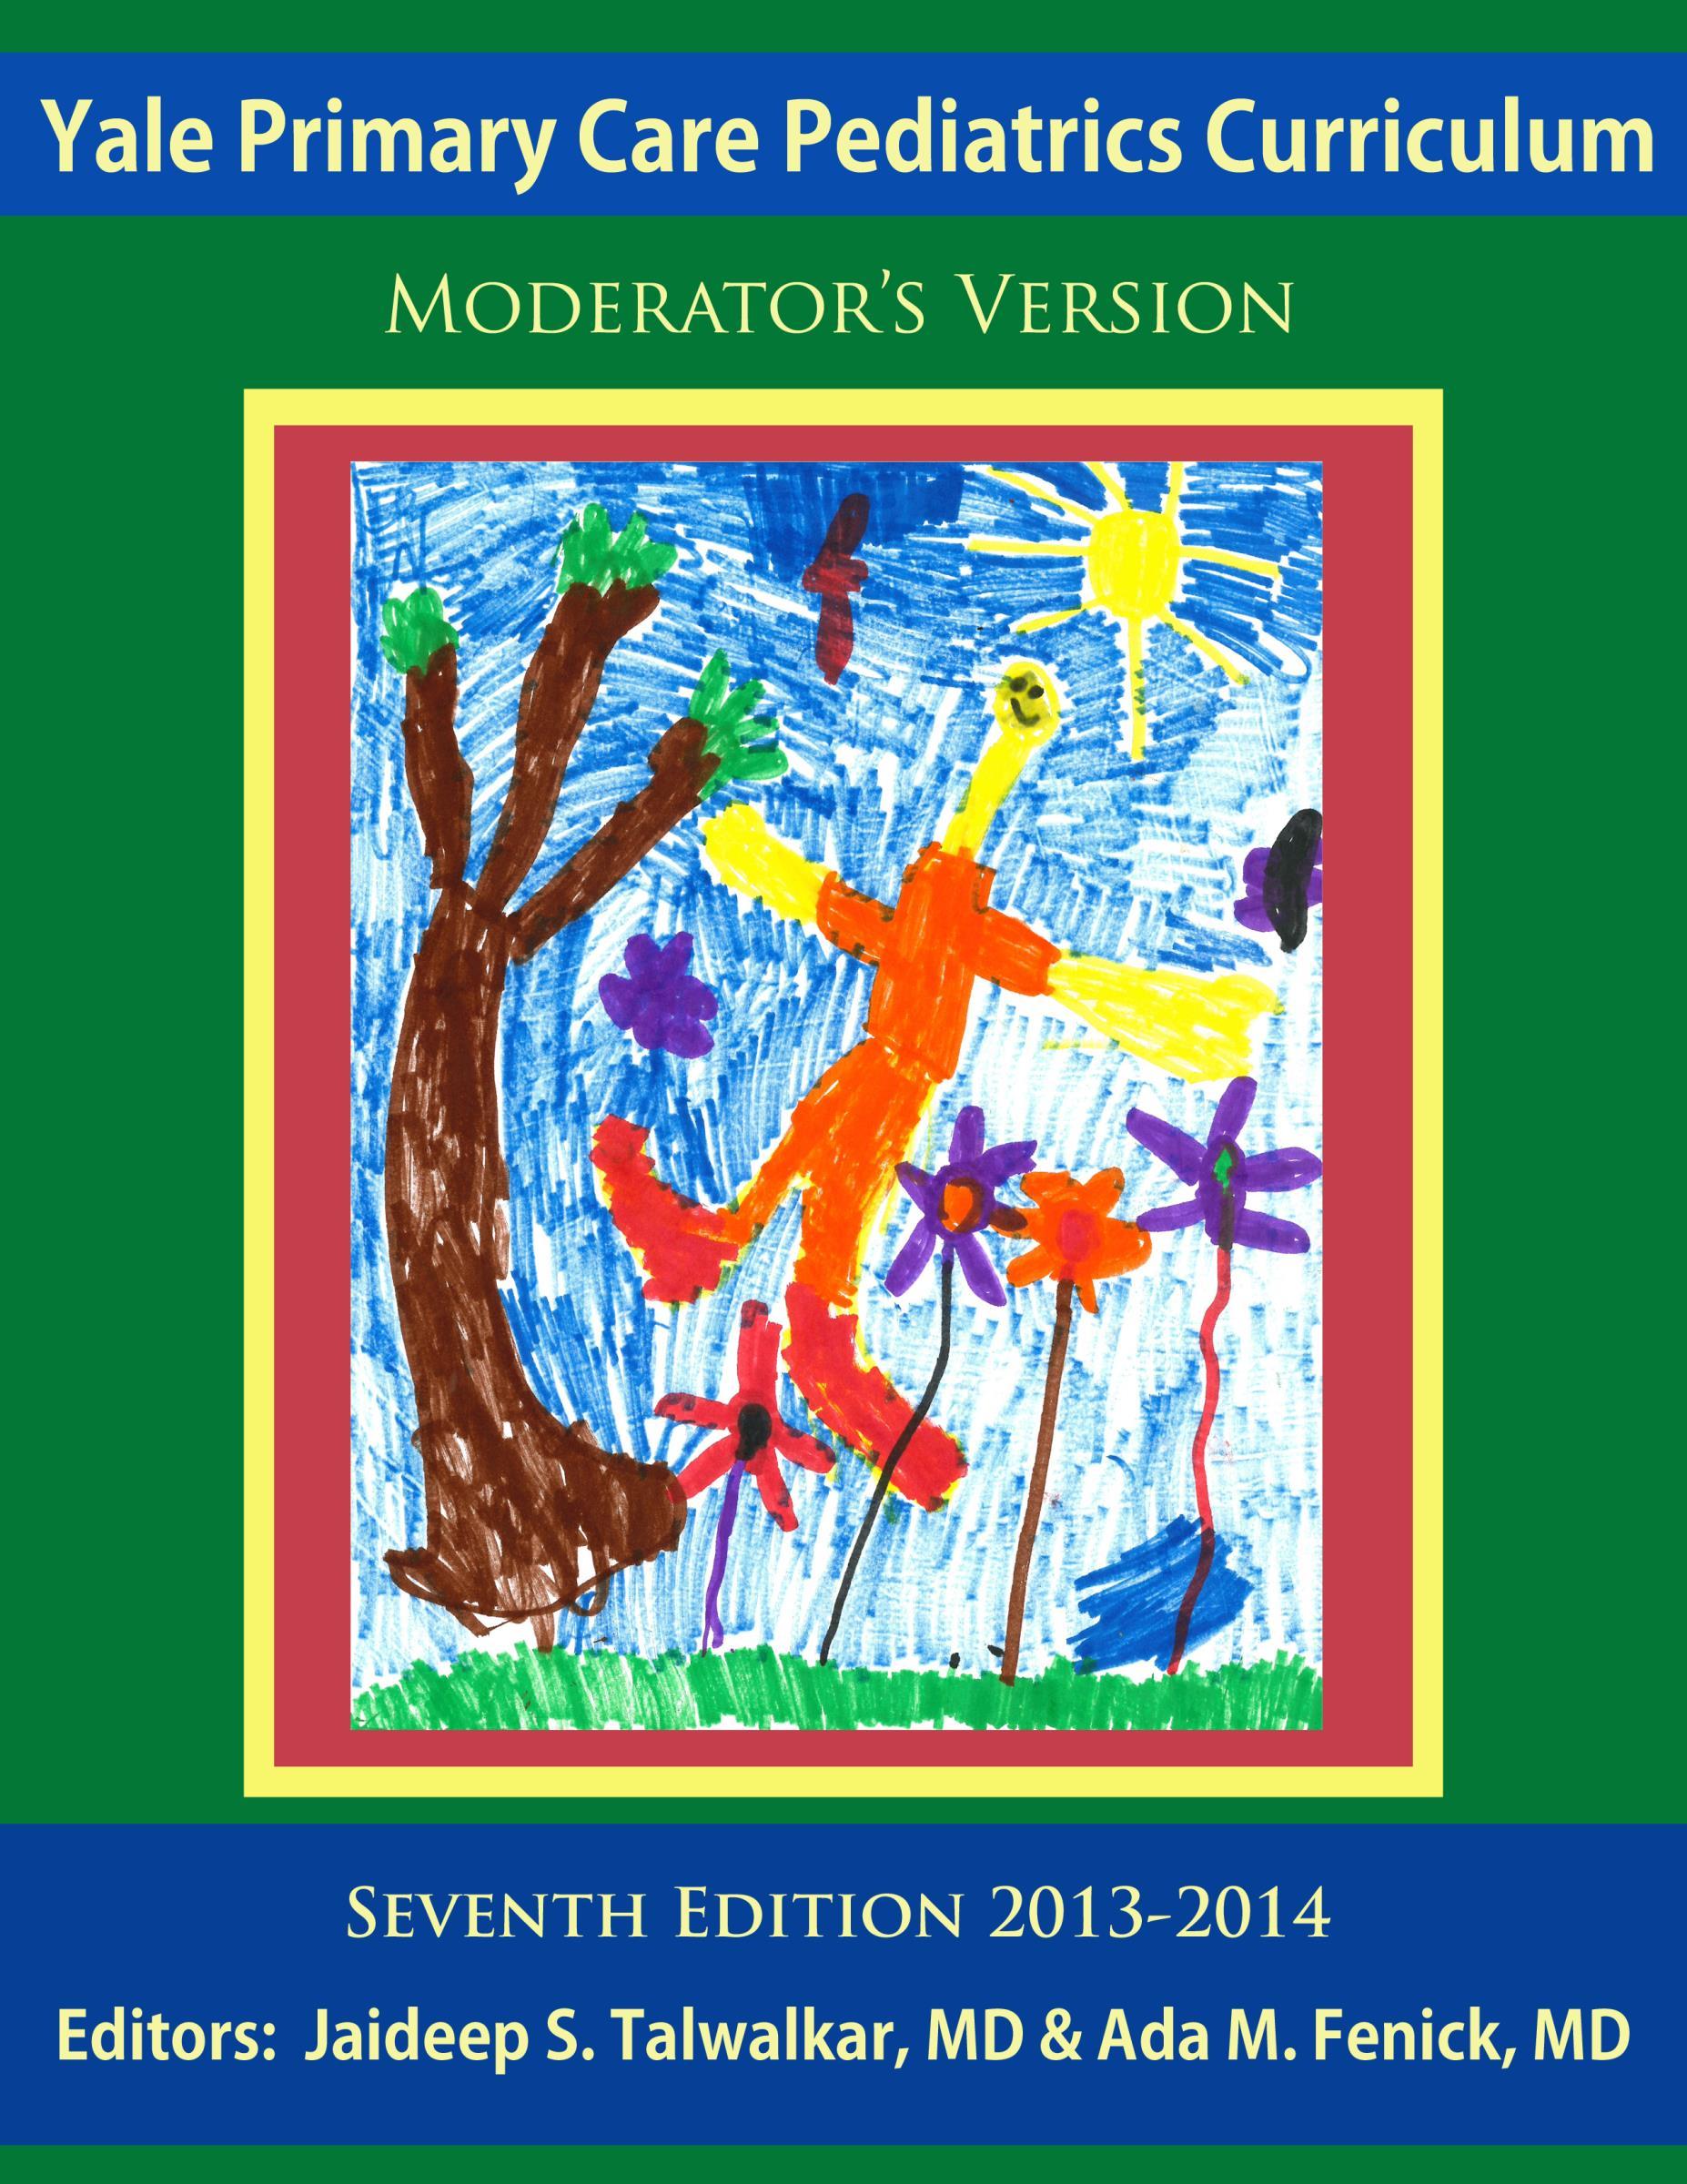 7th Edition: 2013